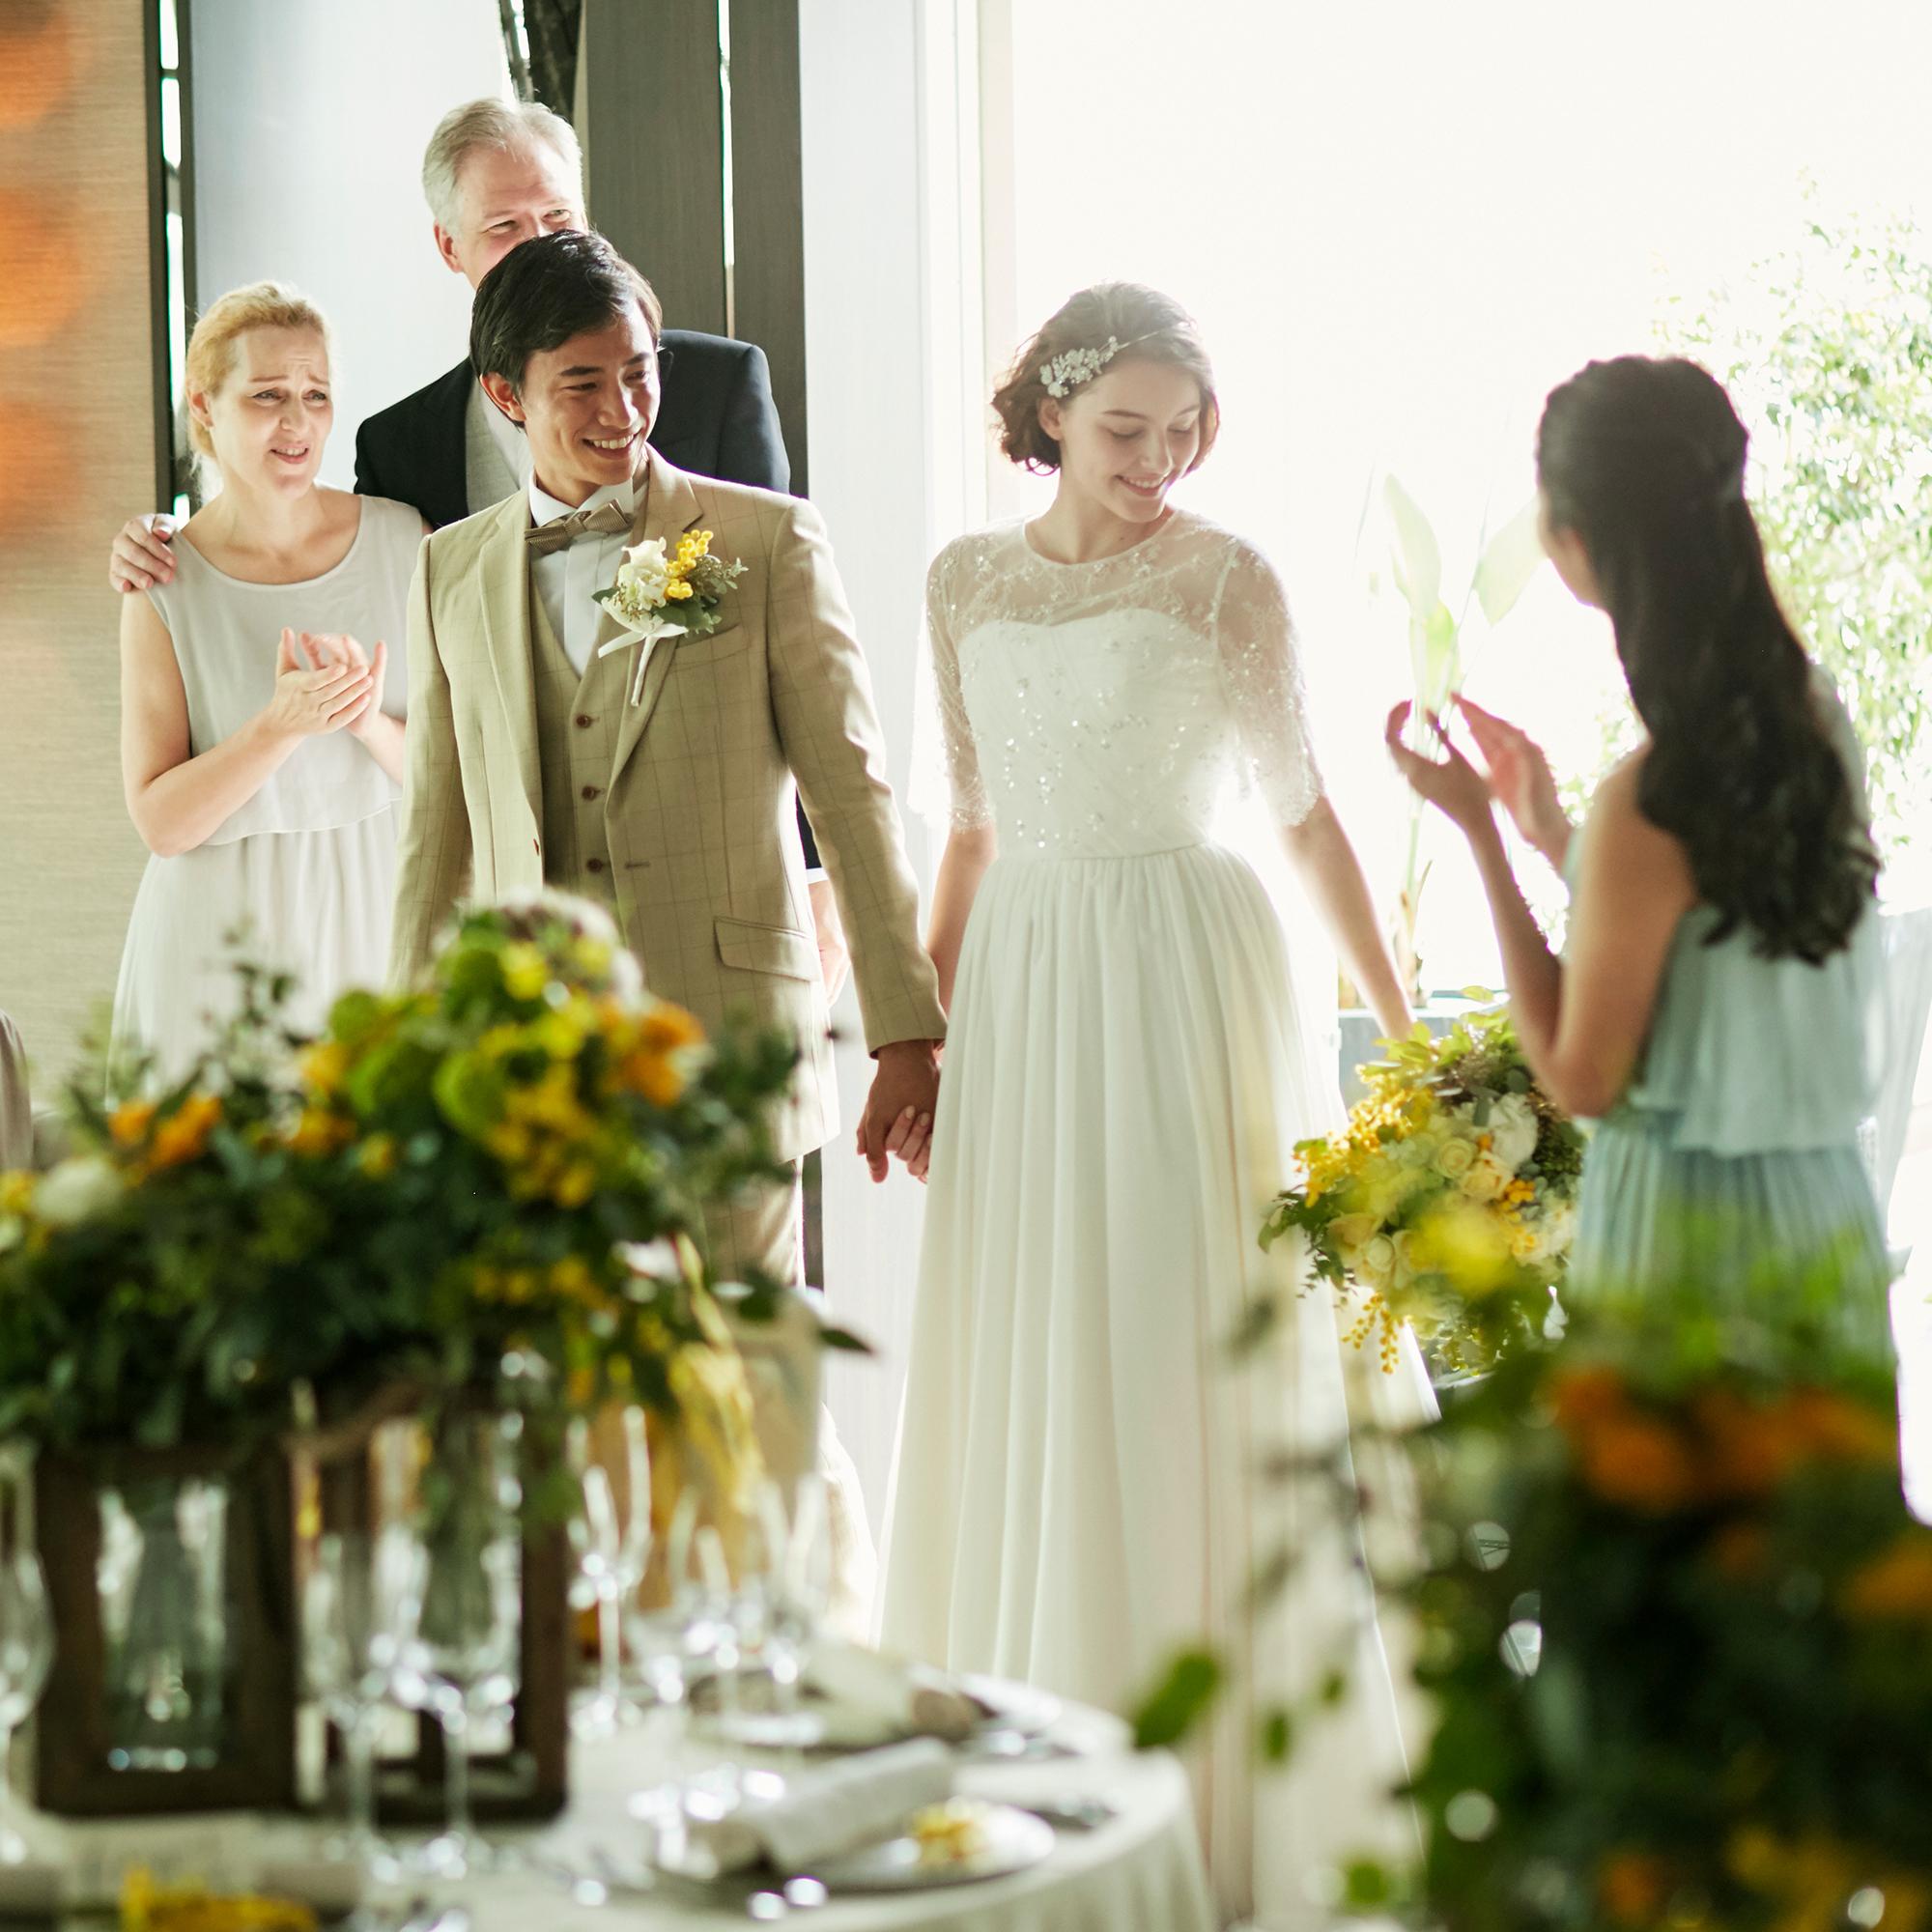 ☆60名201万☆【2019年3月に結婚式をお考えの方へ】アーリースプリングプラン♪